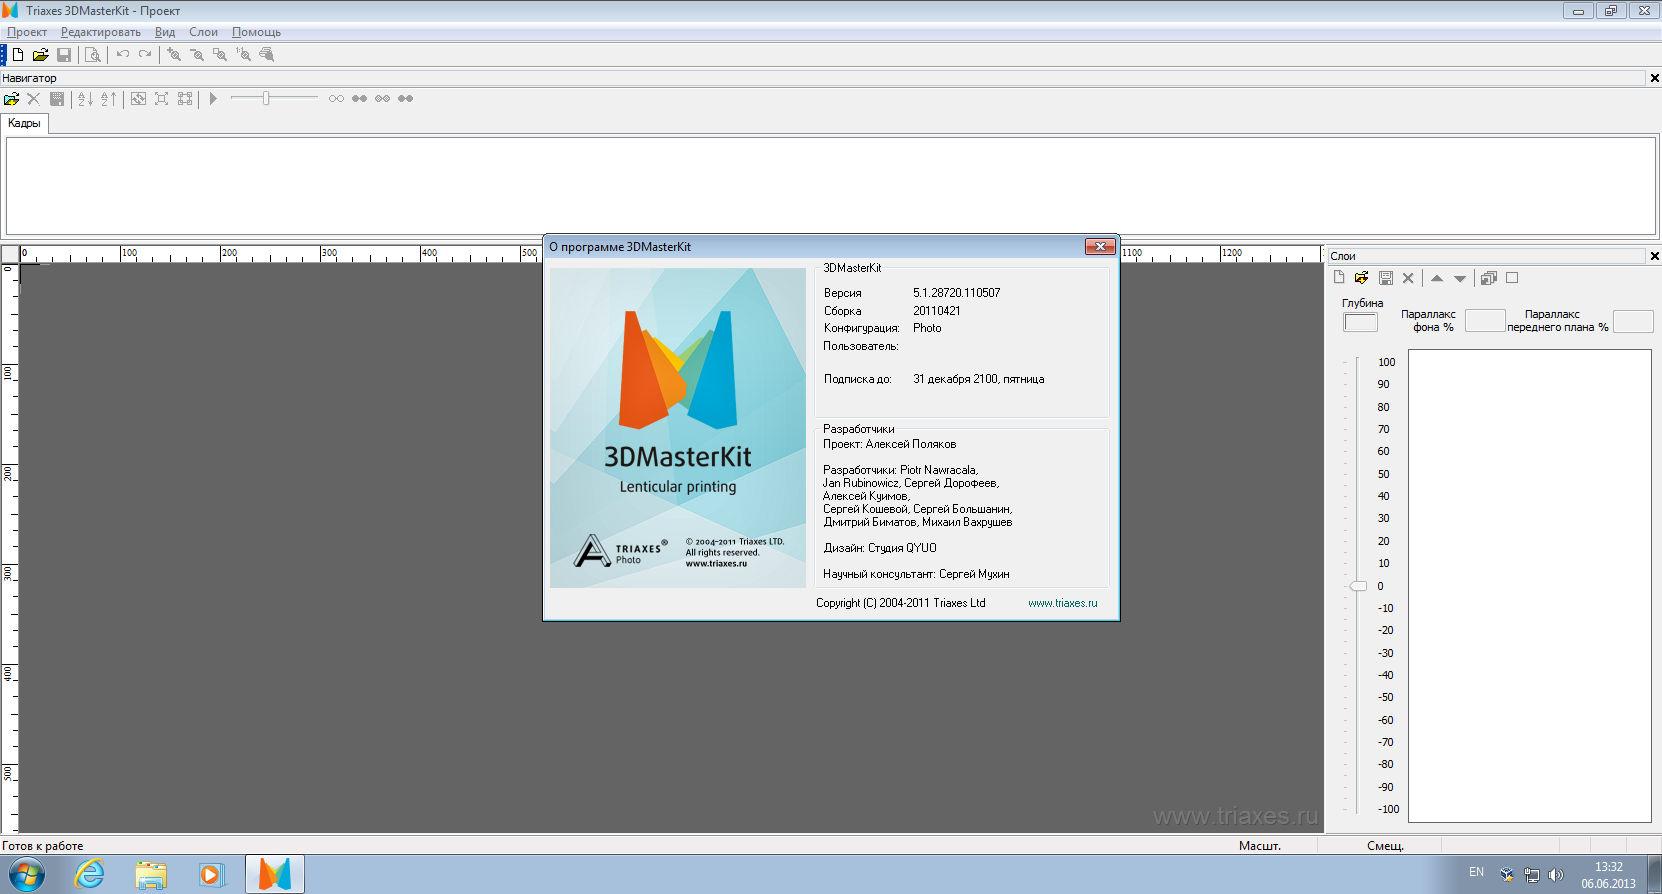 Технология Стерео Варио - 3DMasterKit